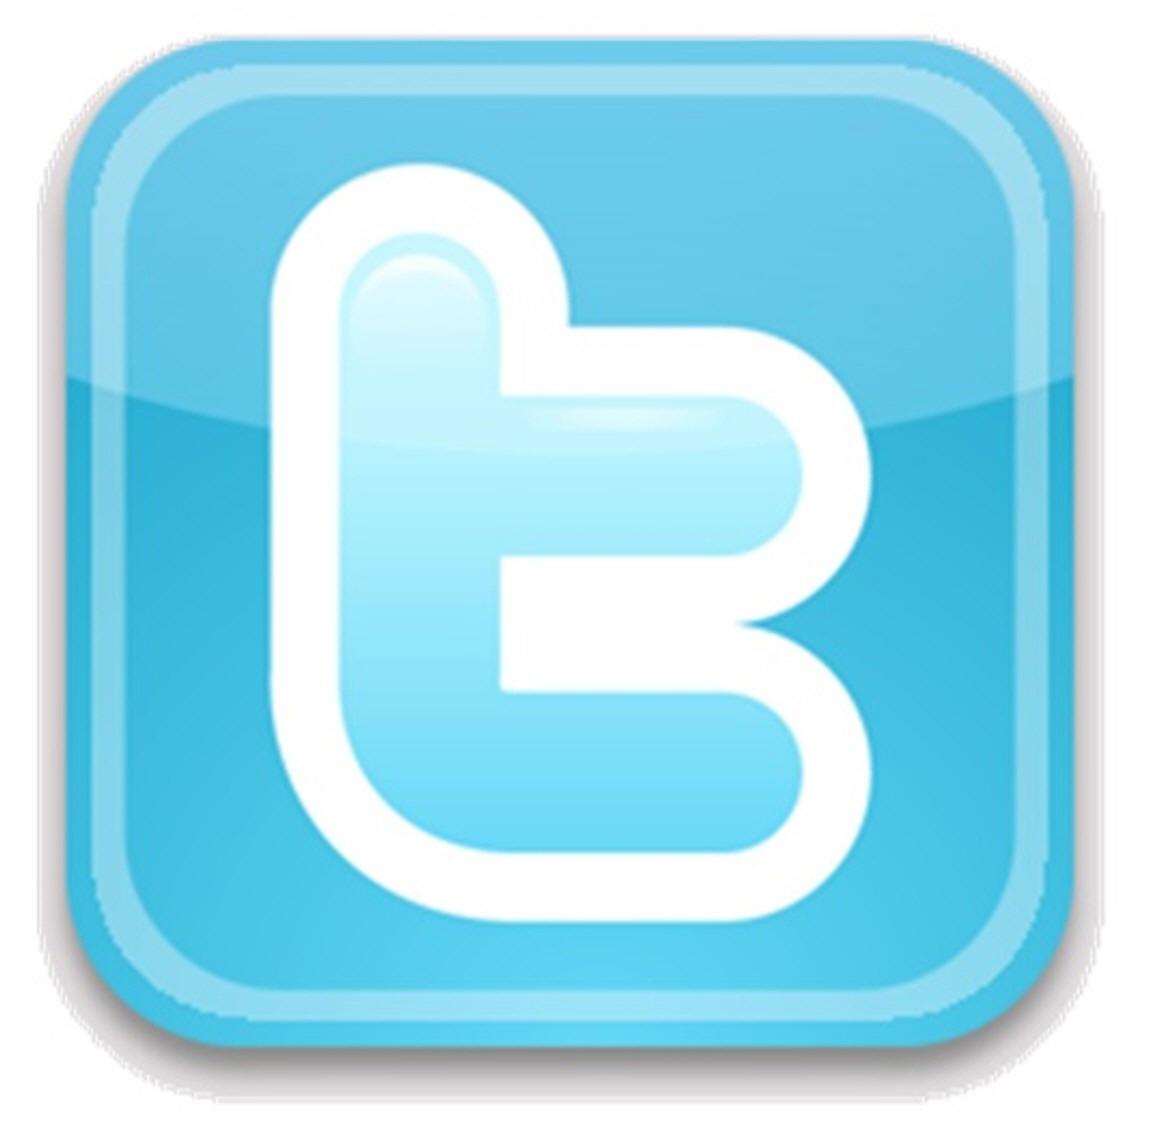 Logo social media t Category:Social network